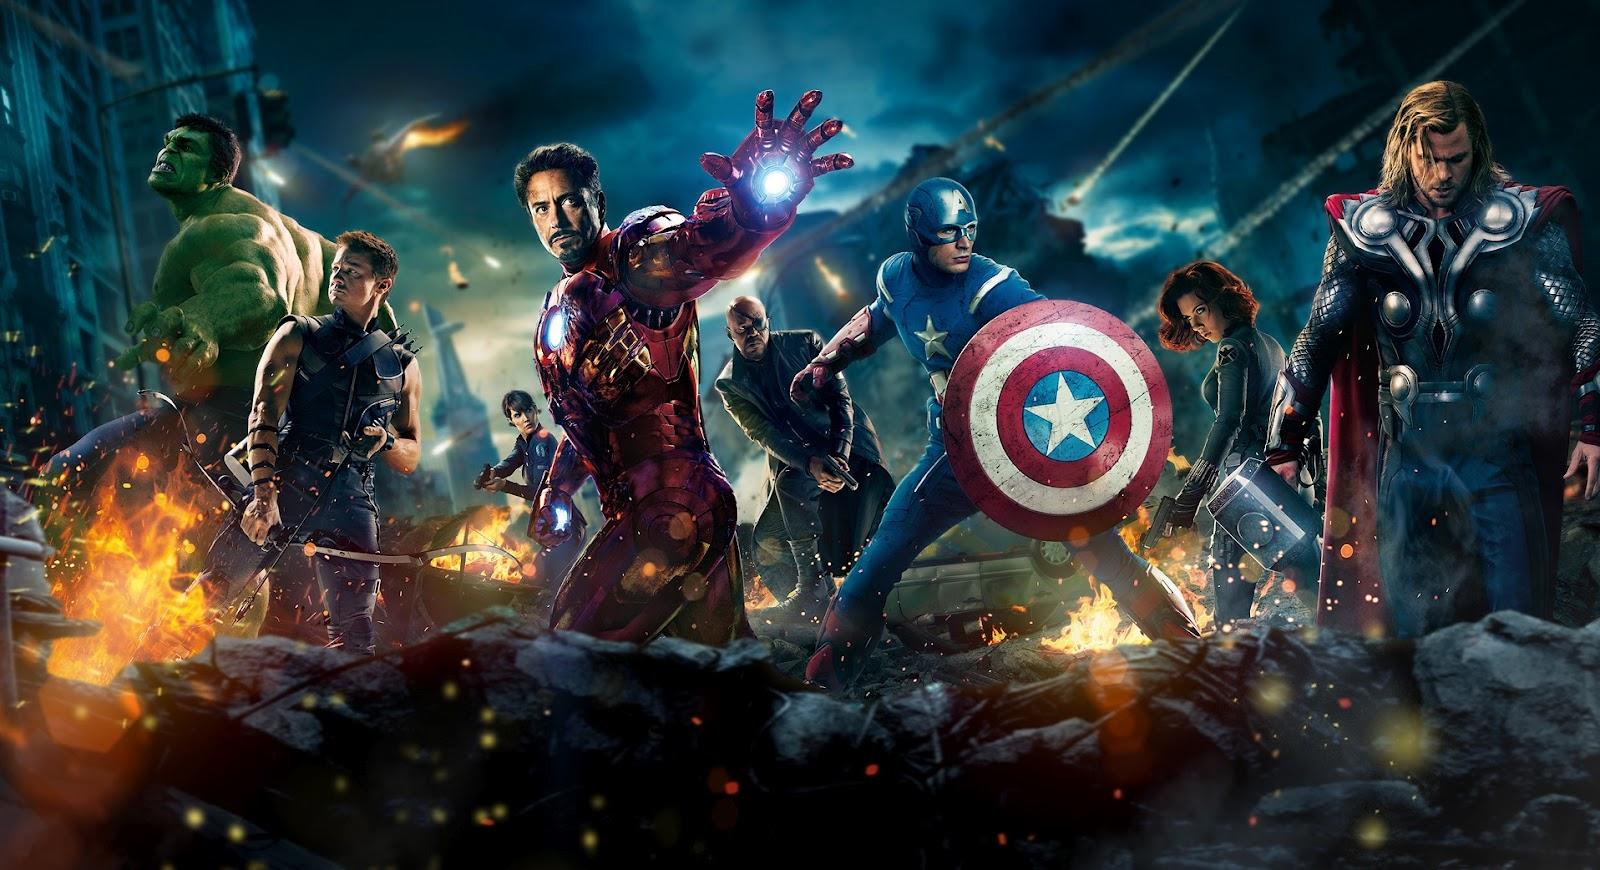 marvel avengers movie